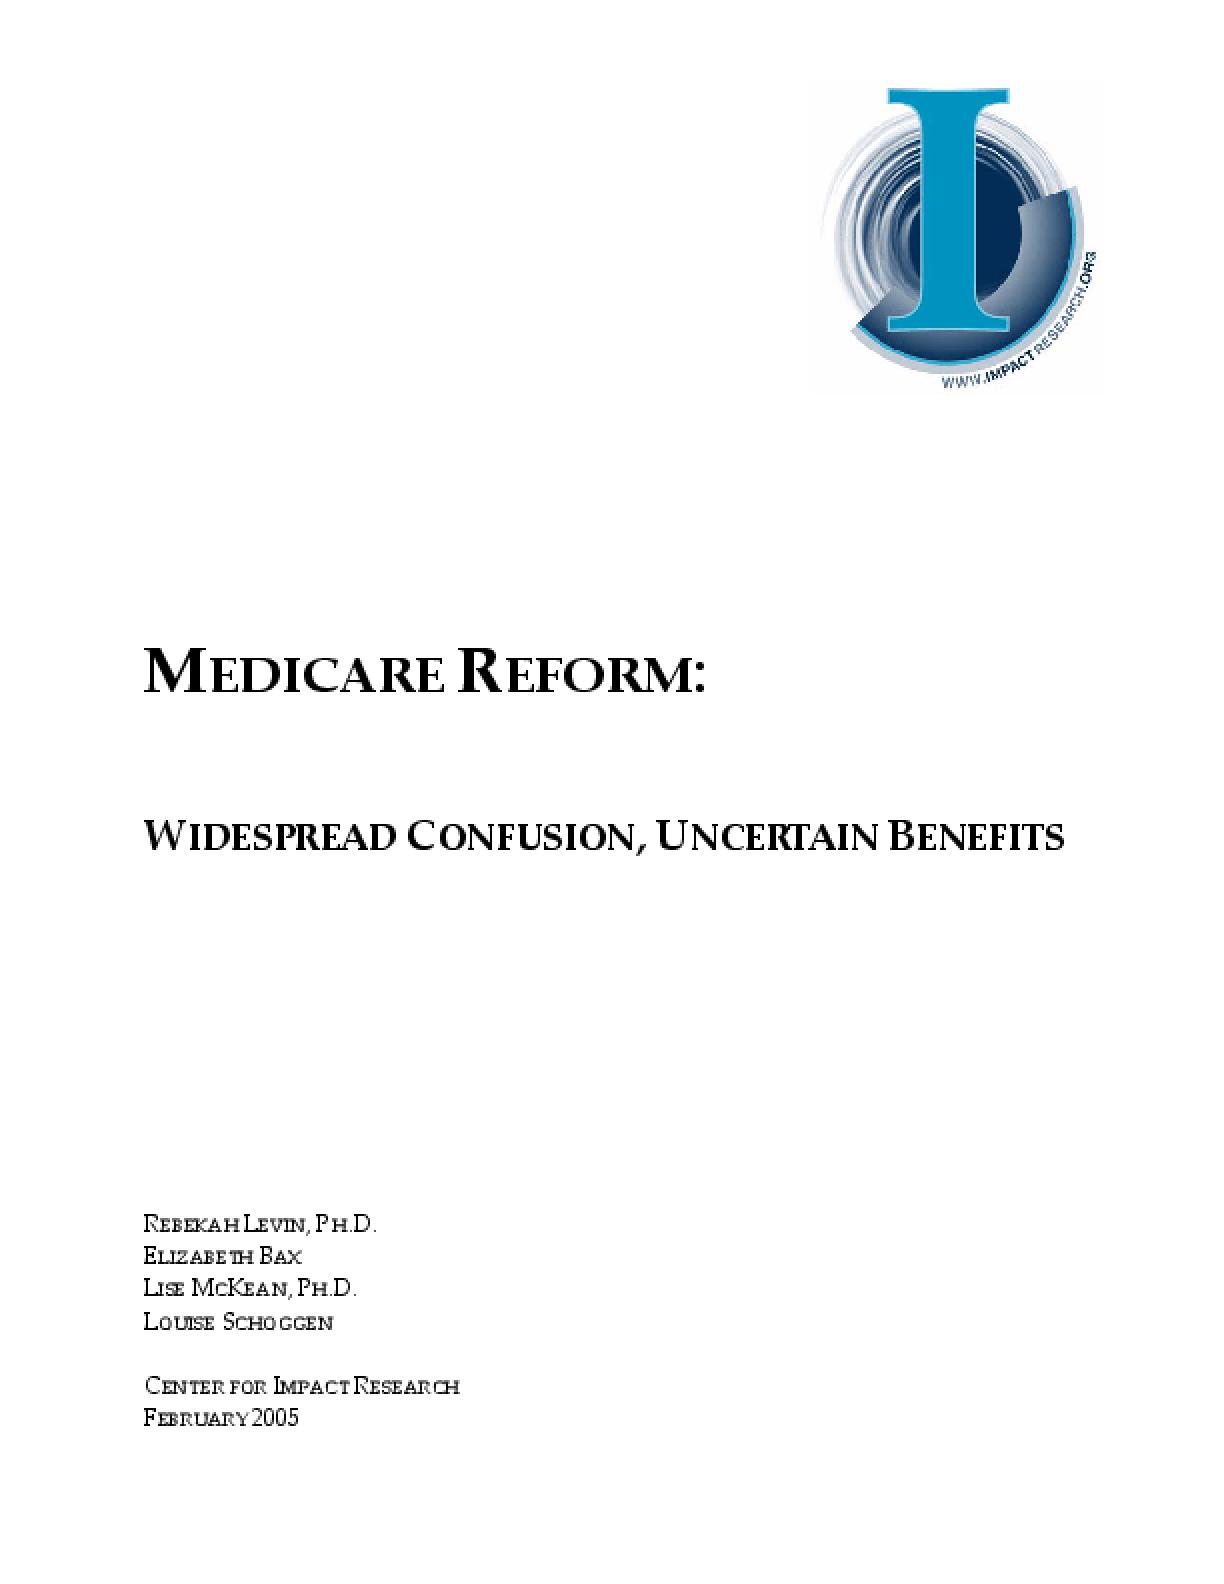 Medicare Reform: Widespread Confusion, Uncertain Benefits